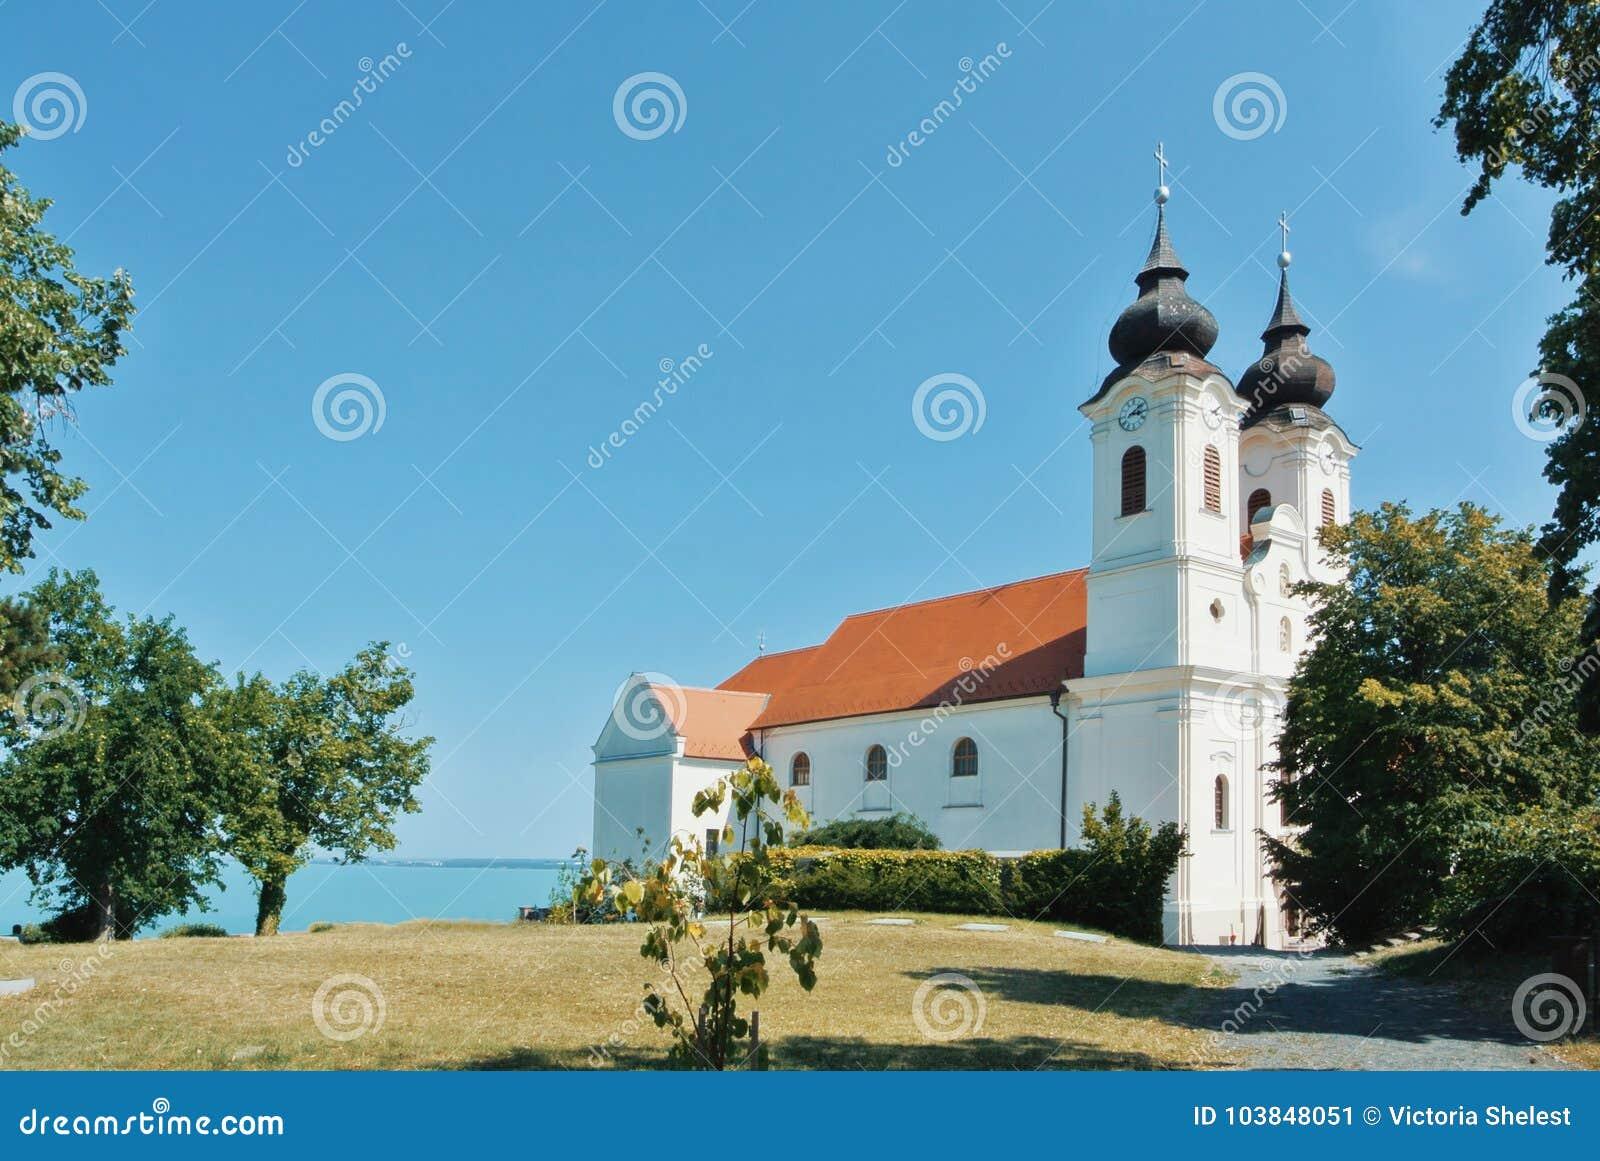 Μια άποψη του ιστορικού Benedictine μοναστηριού Tihany στο λόφο